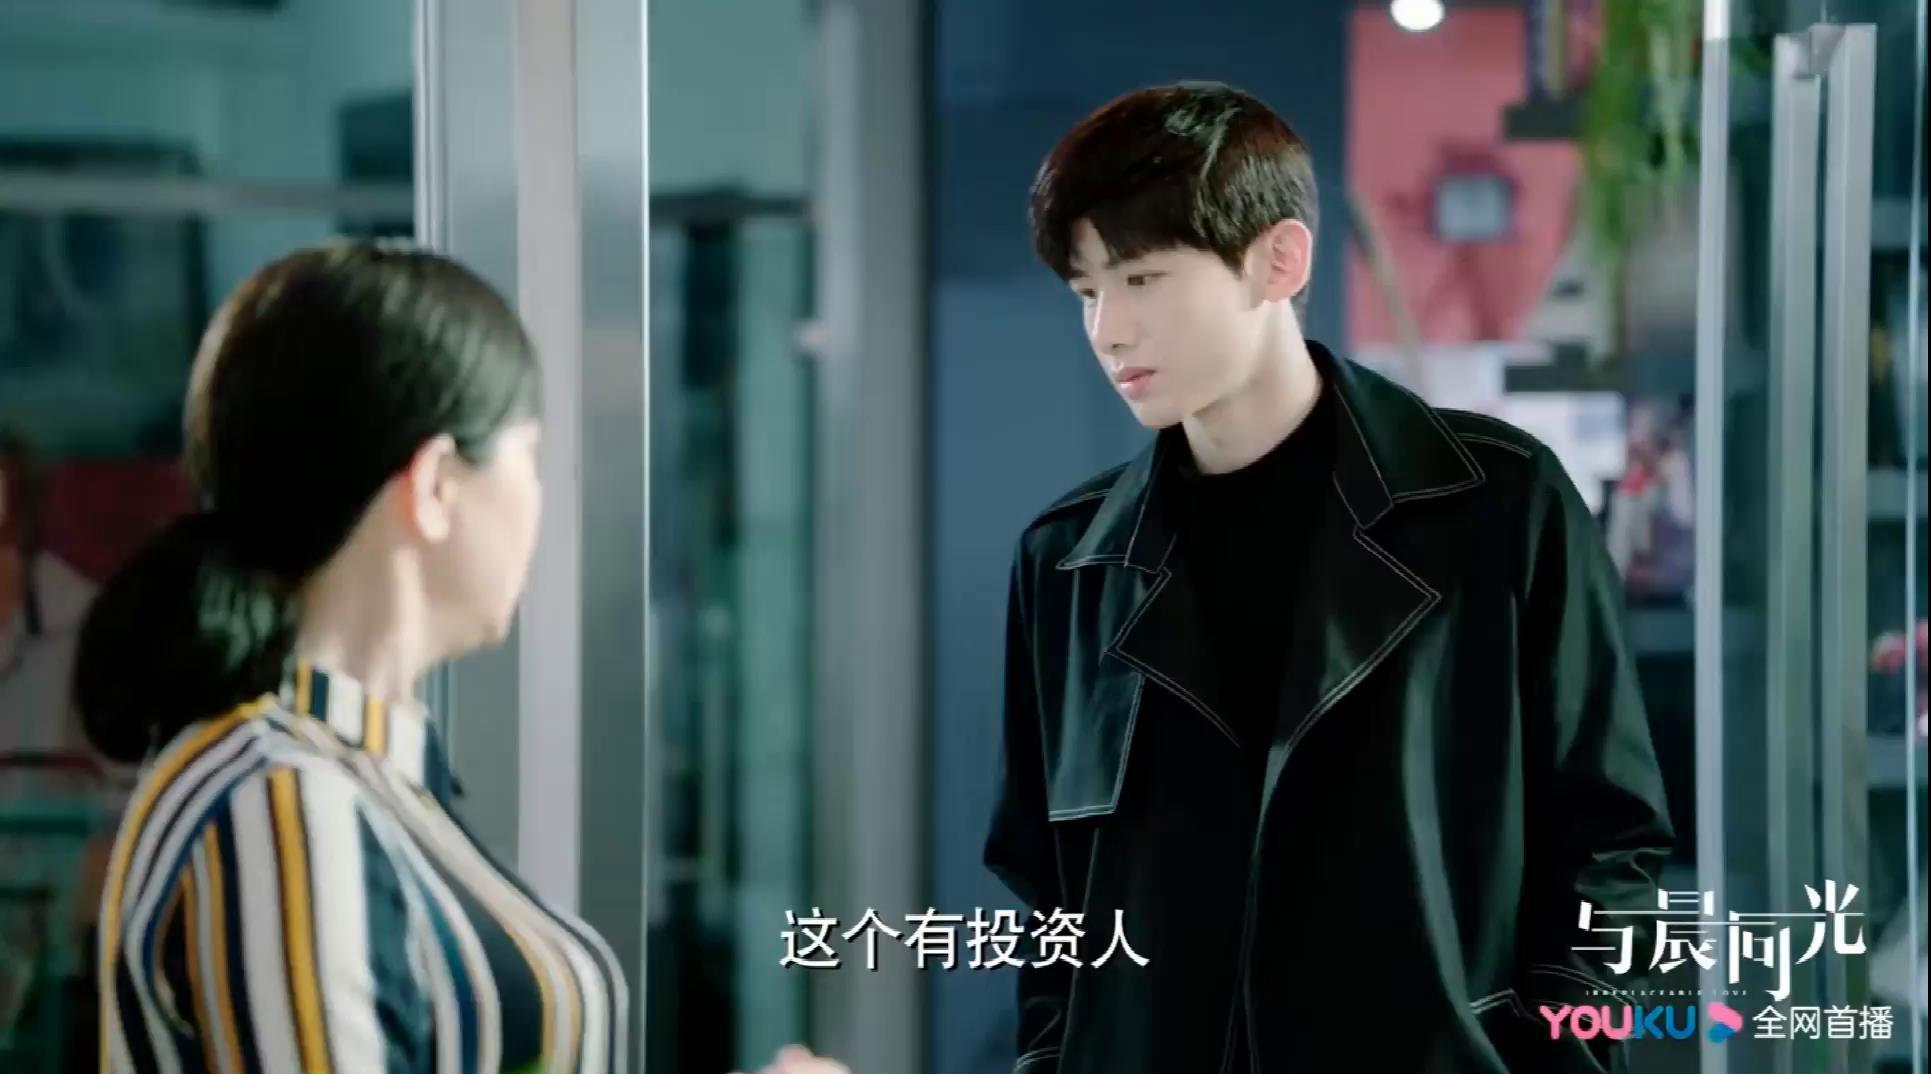 第4-5集预告: 韩子墨在他爸爸公司向黎初遥公开告白…………